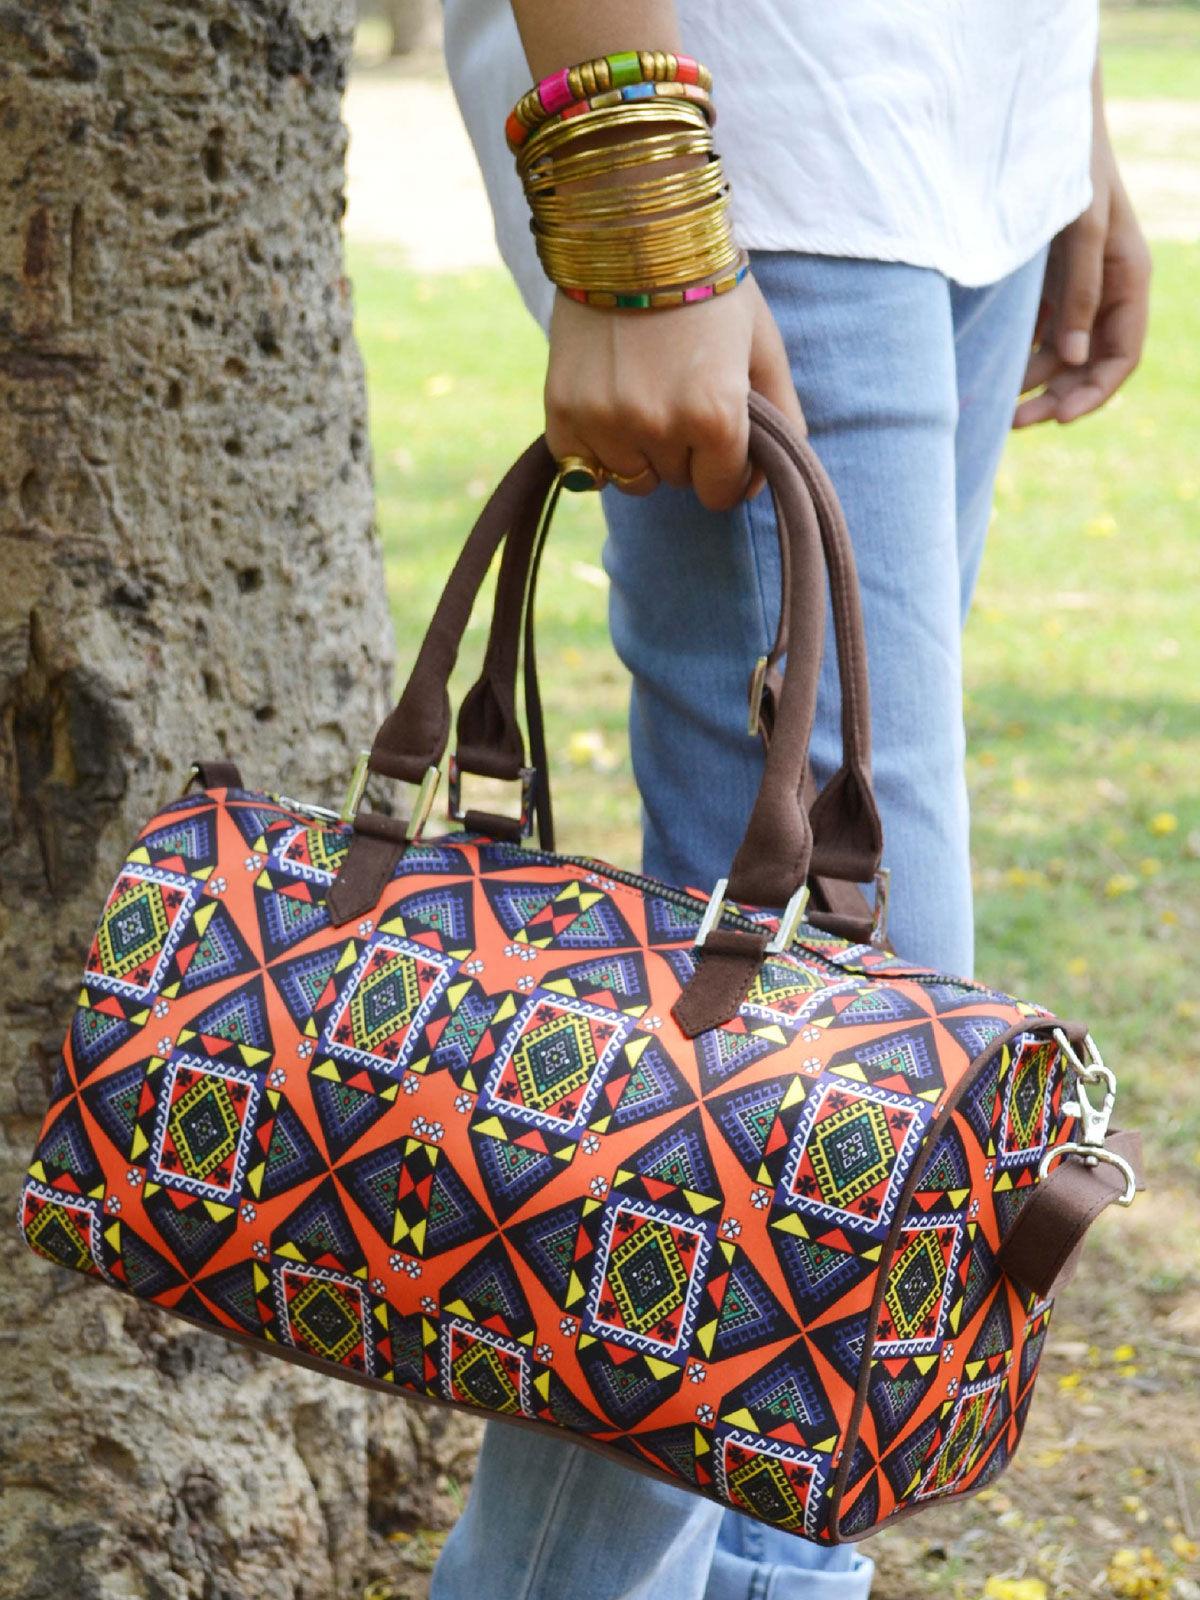 Kaleido Printed duffle bag